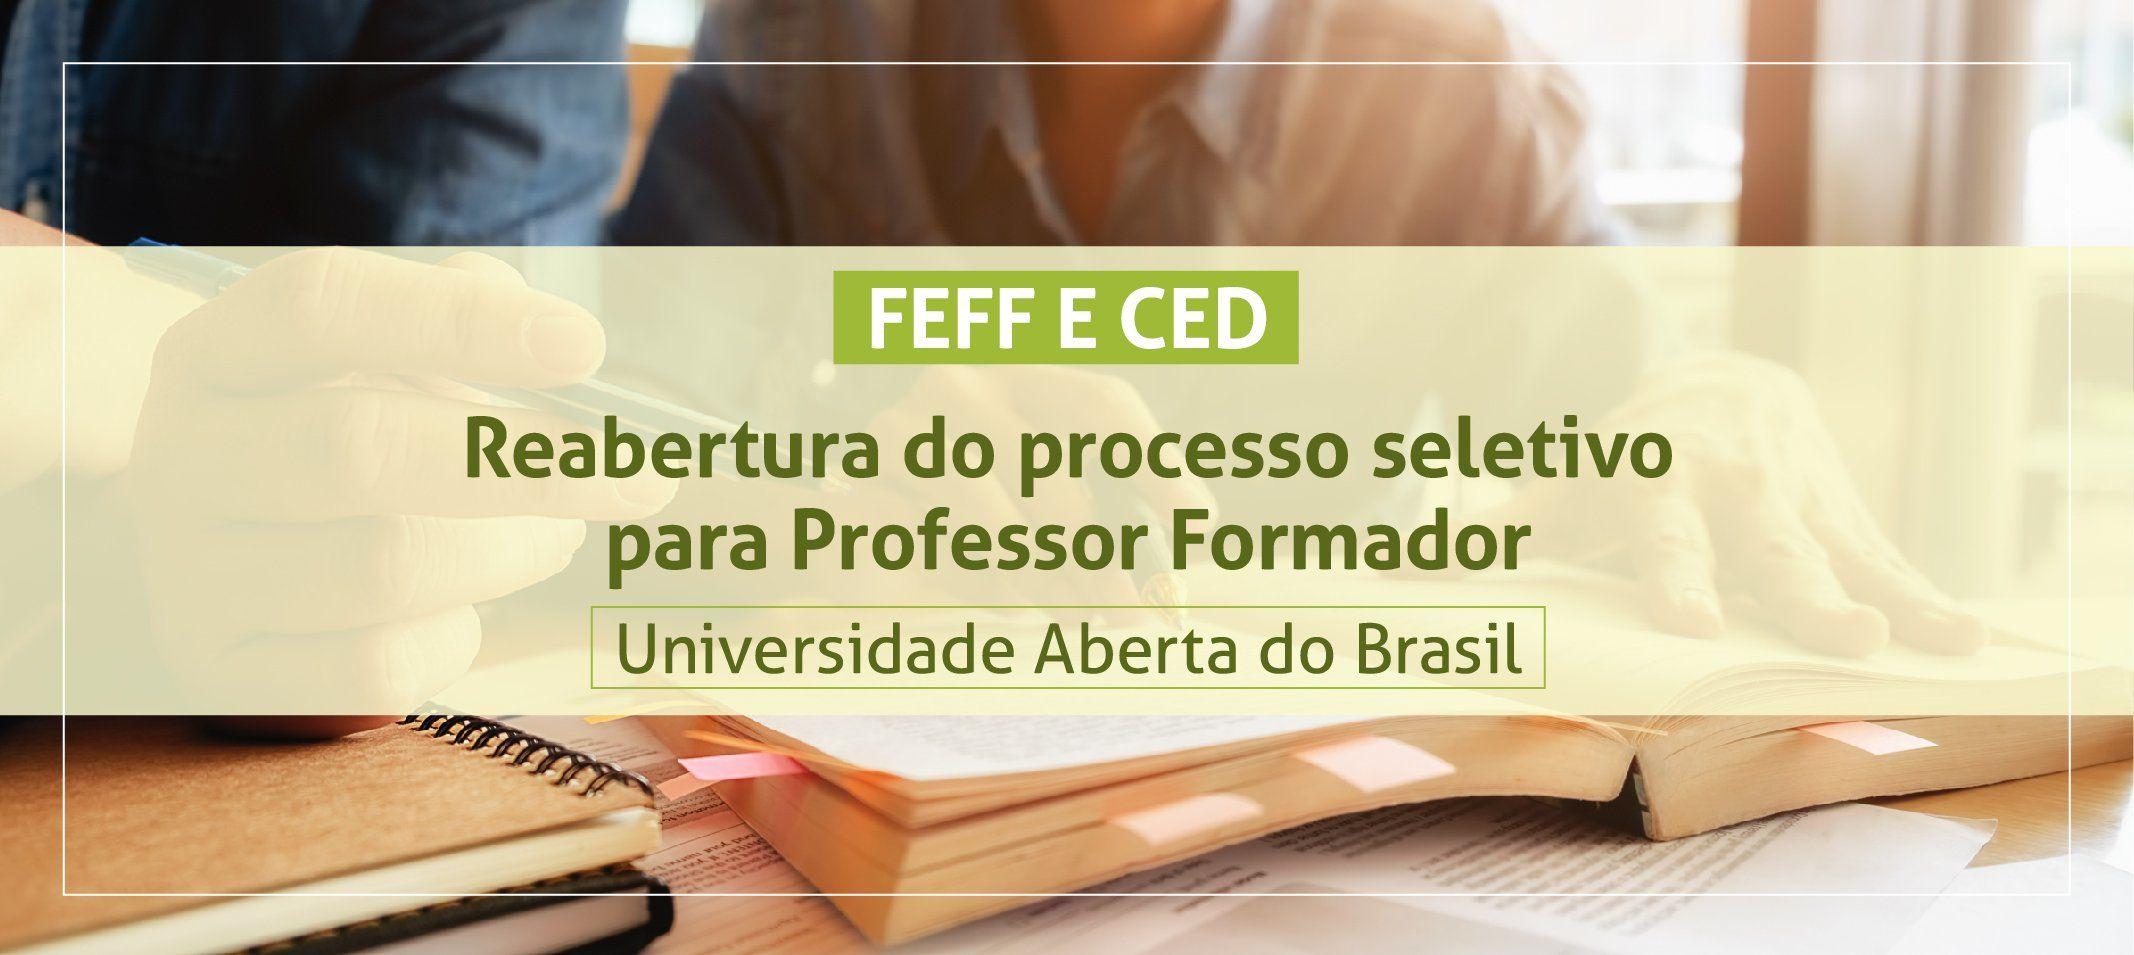 Feff e Ced publicam reabertura de processo seletivo para Professor formador da Universidade Aberta do Brasil